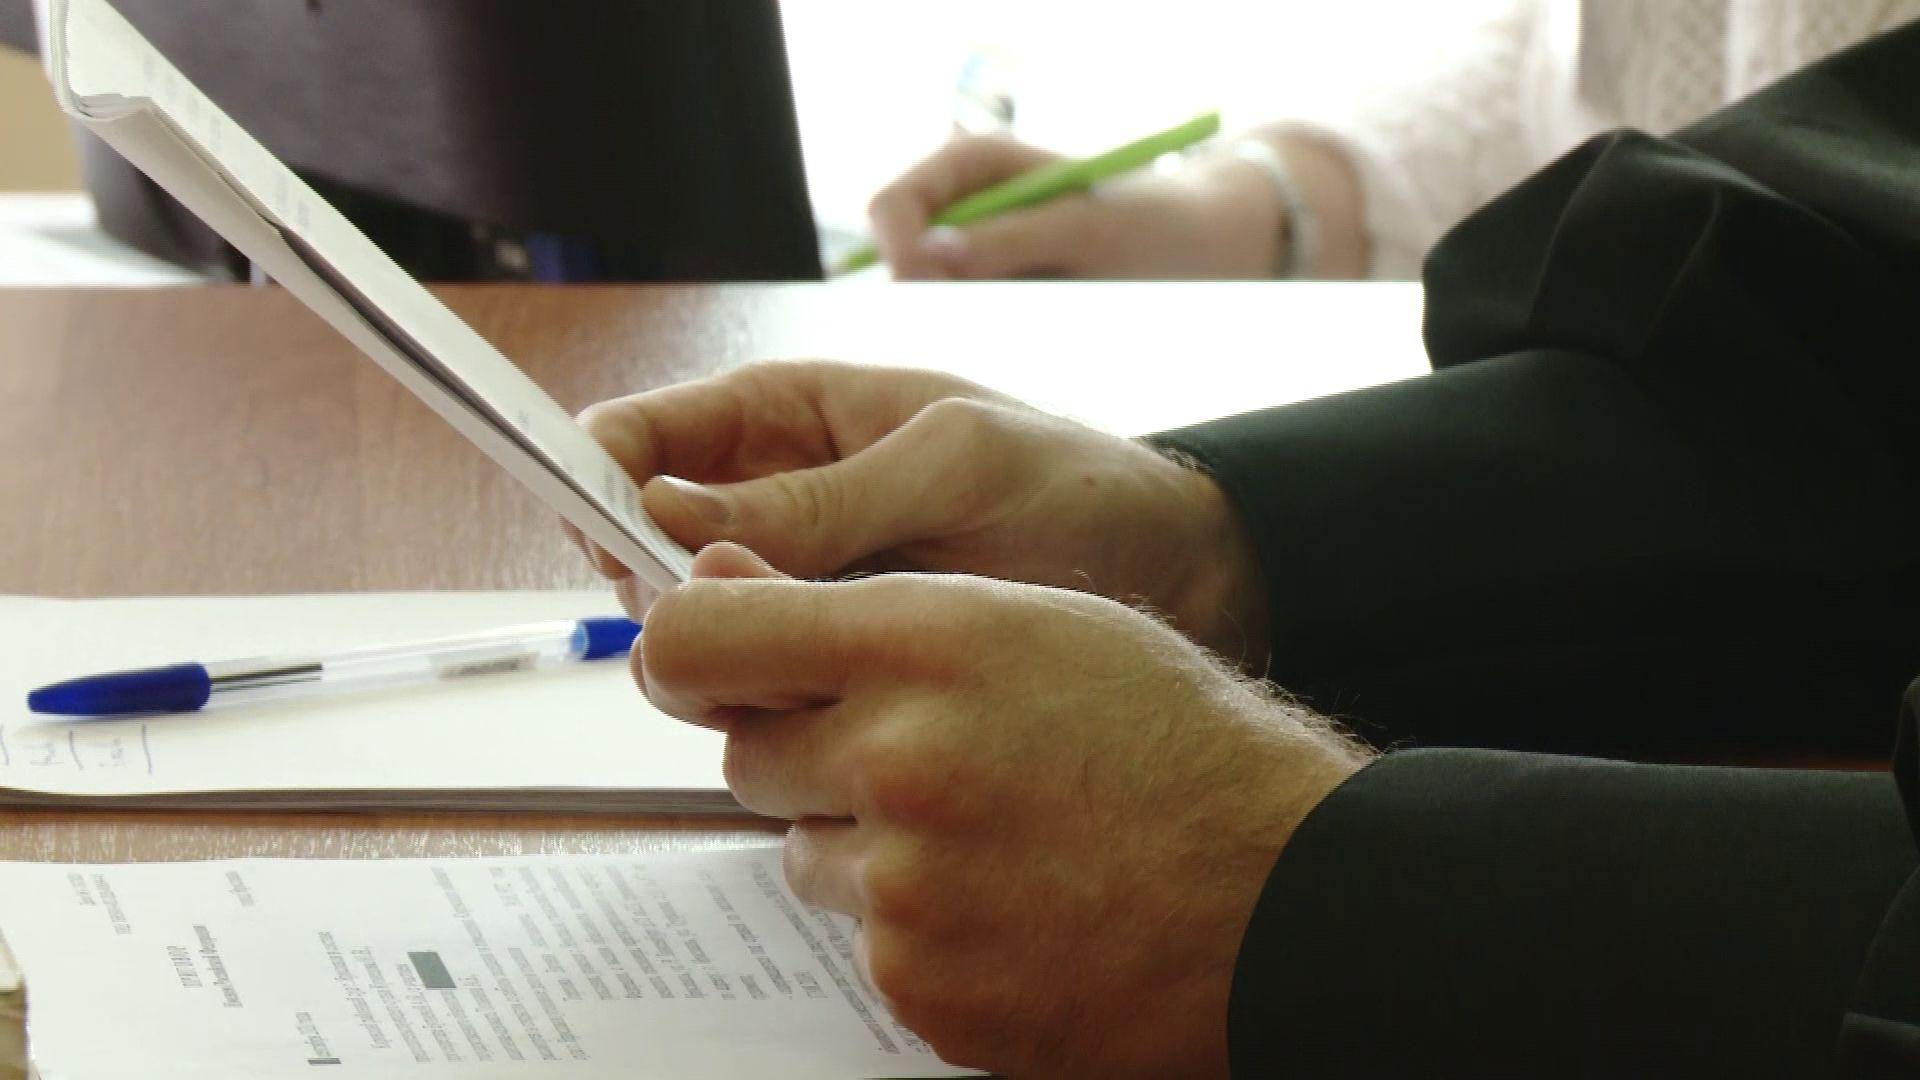 Ярославский суд начал рассматривать дело бывшего начальника отдела по капитальному строительству